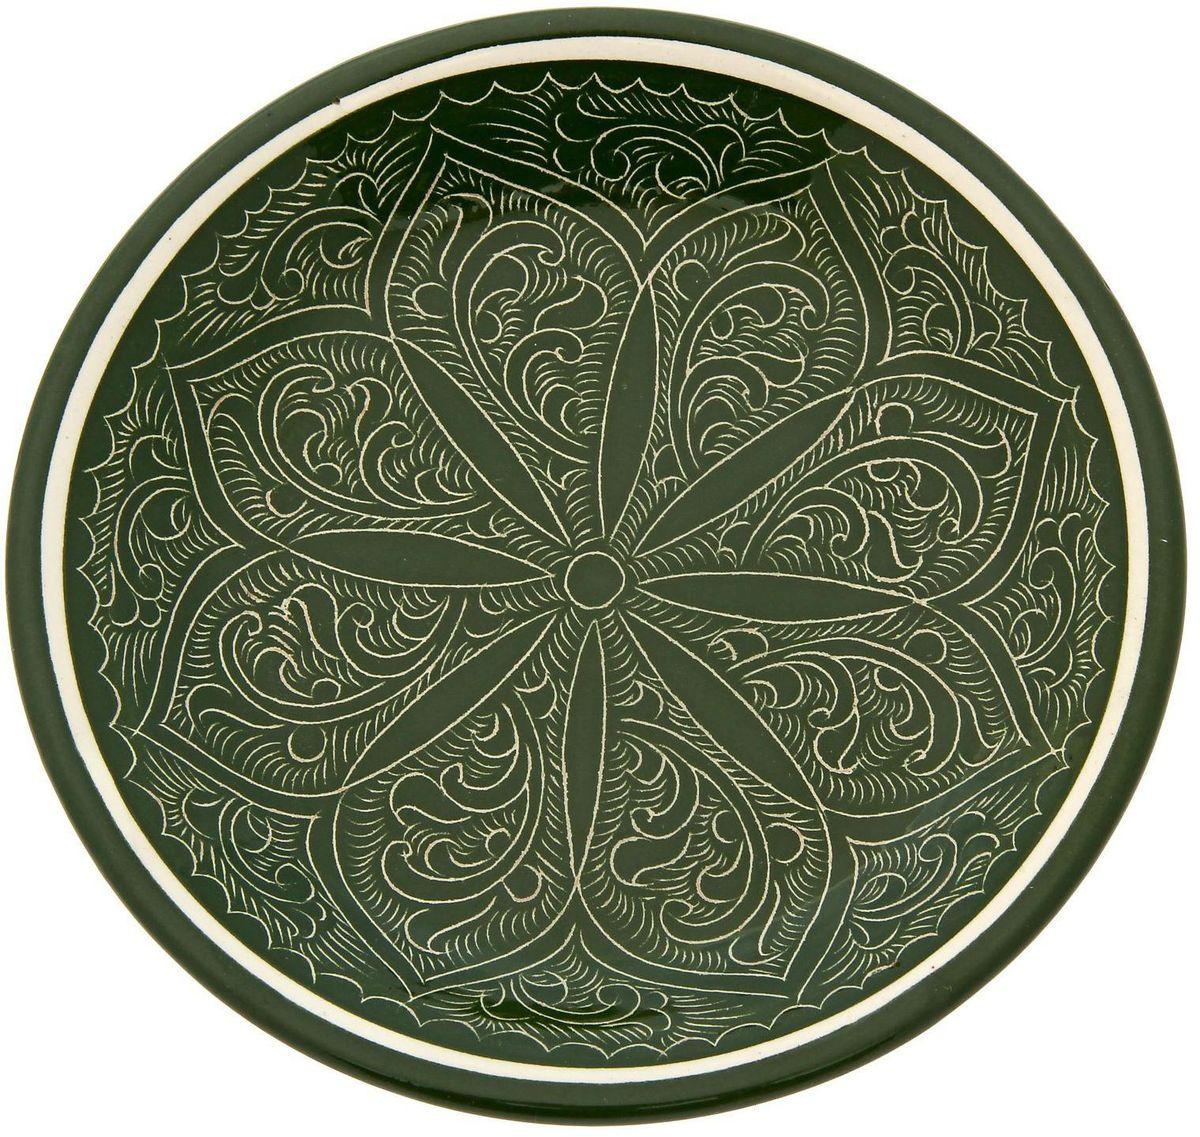 Тарелка Риштанская керамика, диаметр 15,5 см96584Тарелка Риштанская керамика - это не просто обеденный атрибут, это украшение стола. Посуда с национальной росписью станет отменным подарком для ценителей высокородной посуды.Узбекская посуда известна всему миру уже более тысячи лет. Ей любовались царские особы, на ней подавали еду шейхам и знатным персонам. Формула глазури передаётся из поколения в поколение. По сей день качественные изделия продолжают восхищать своей идеальной формой. Тарелка подойдёт для повседневной и праздничной сервировки. Дополните стол текстилем и салфетками в тон, чтобы получить элегантное убранство с яркими акцентами.